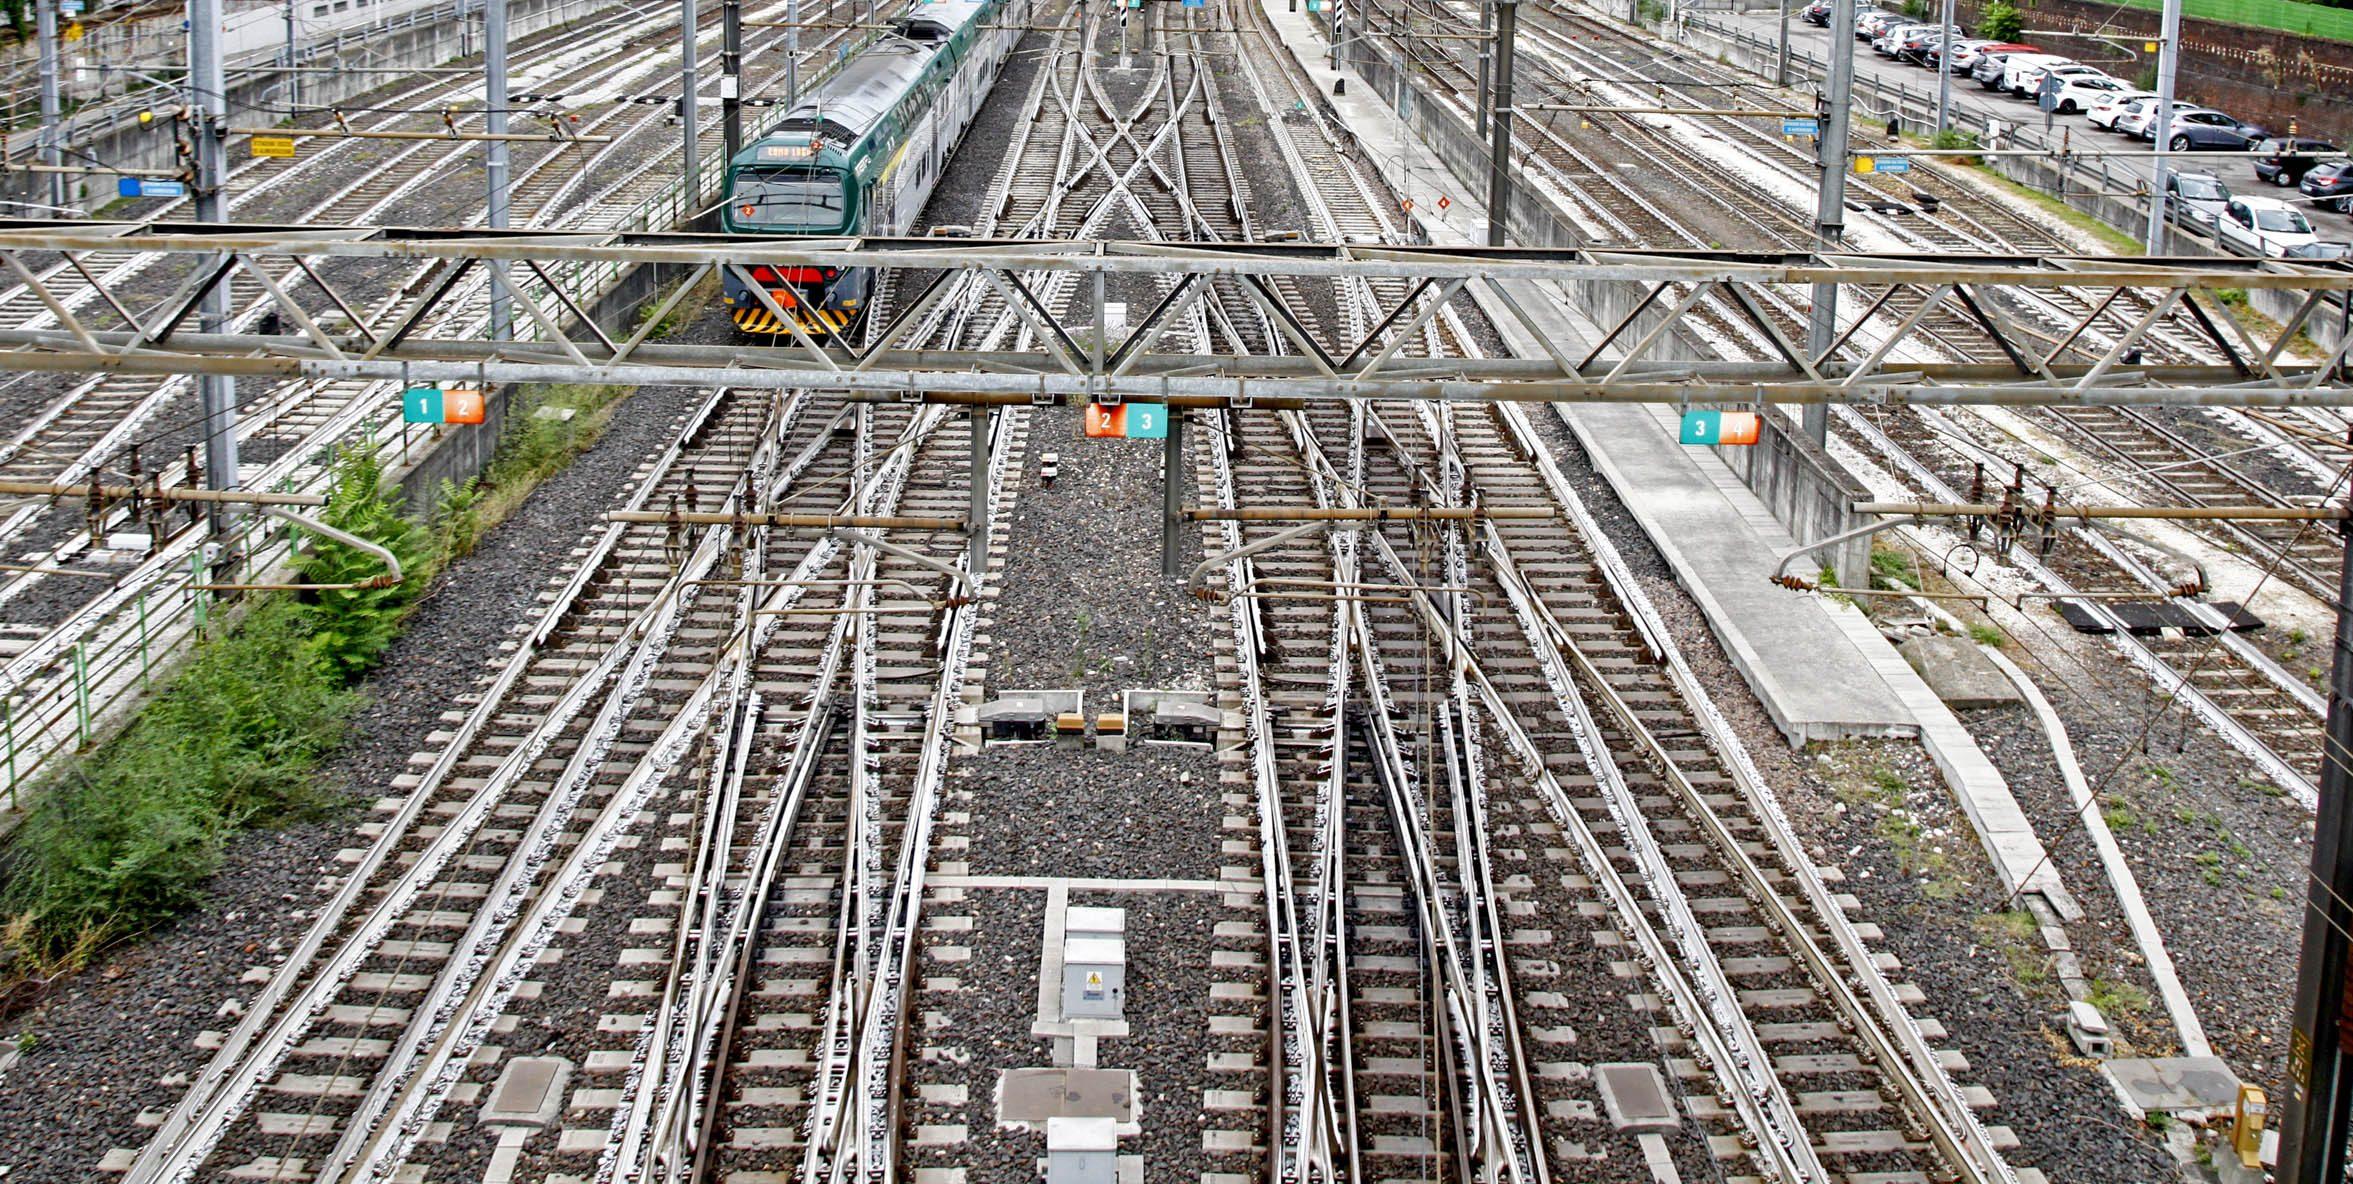 Camorra dei Casalesi negli appalti delle ferrovie, perquisizioni nella sede Rfi